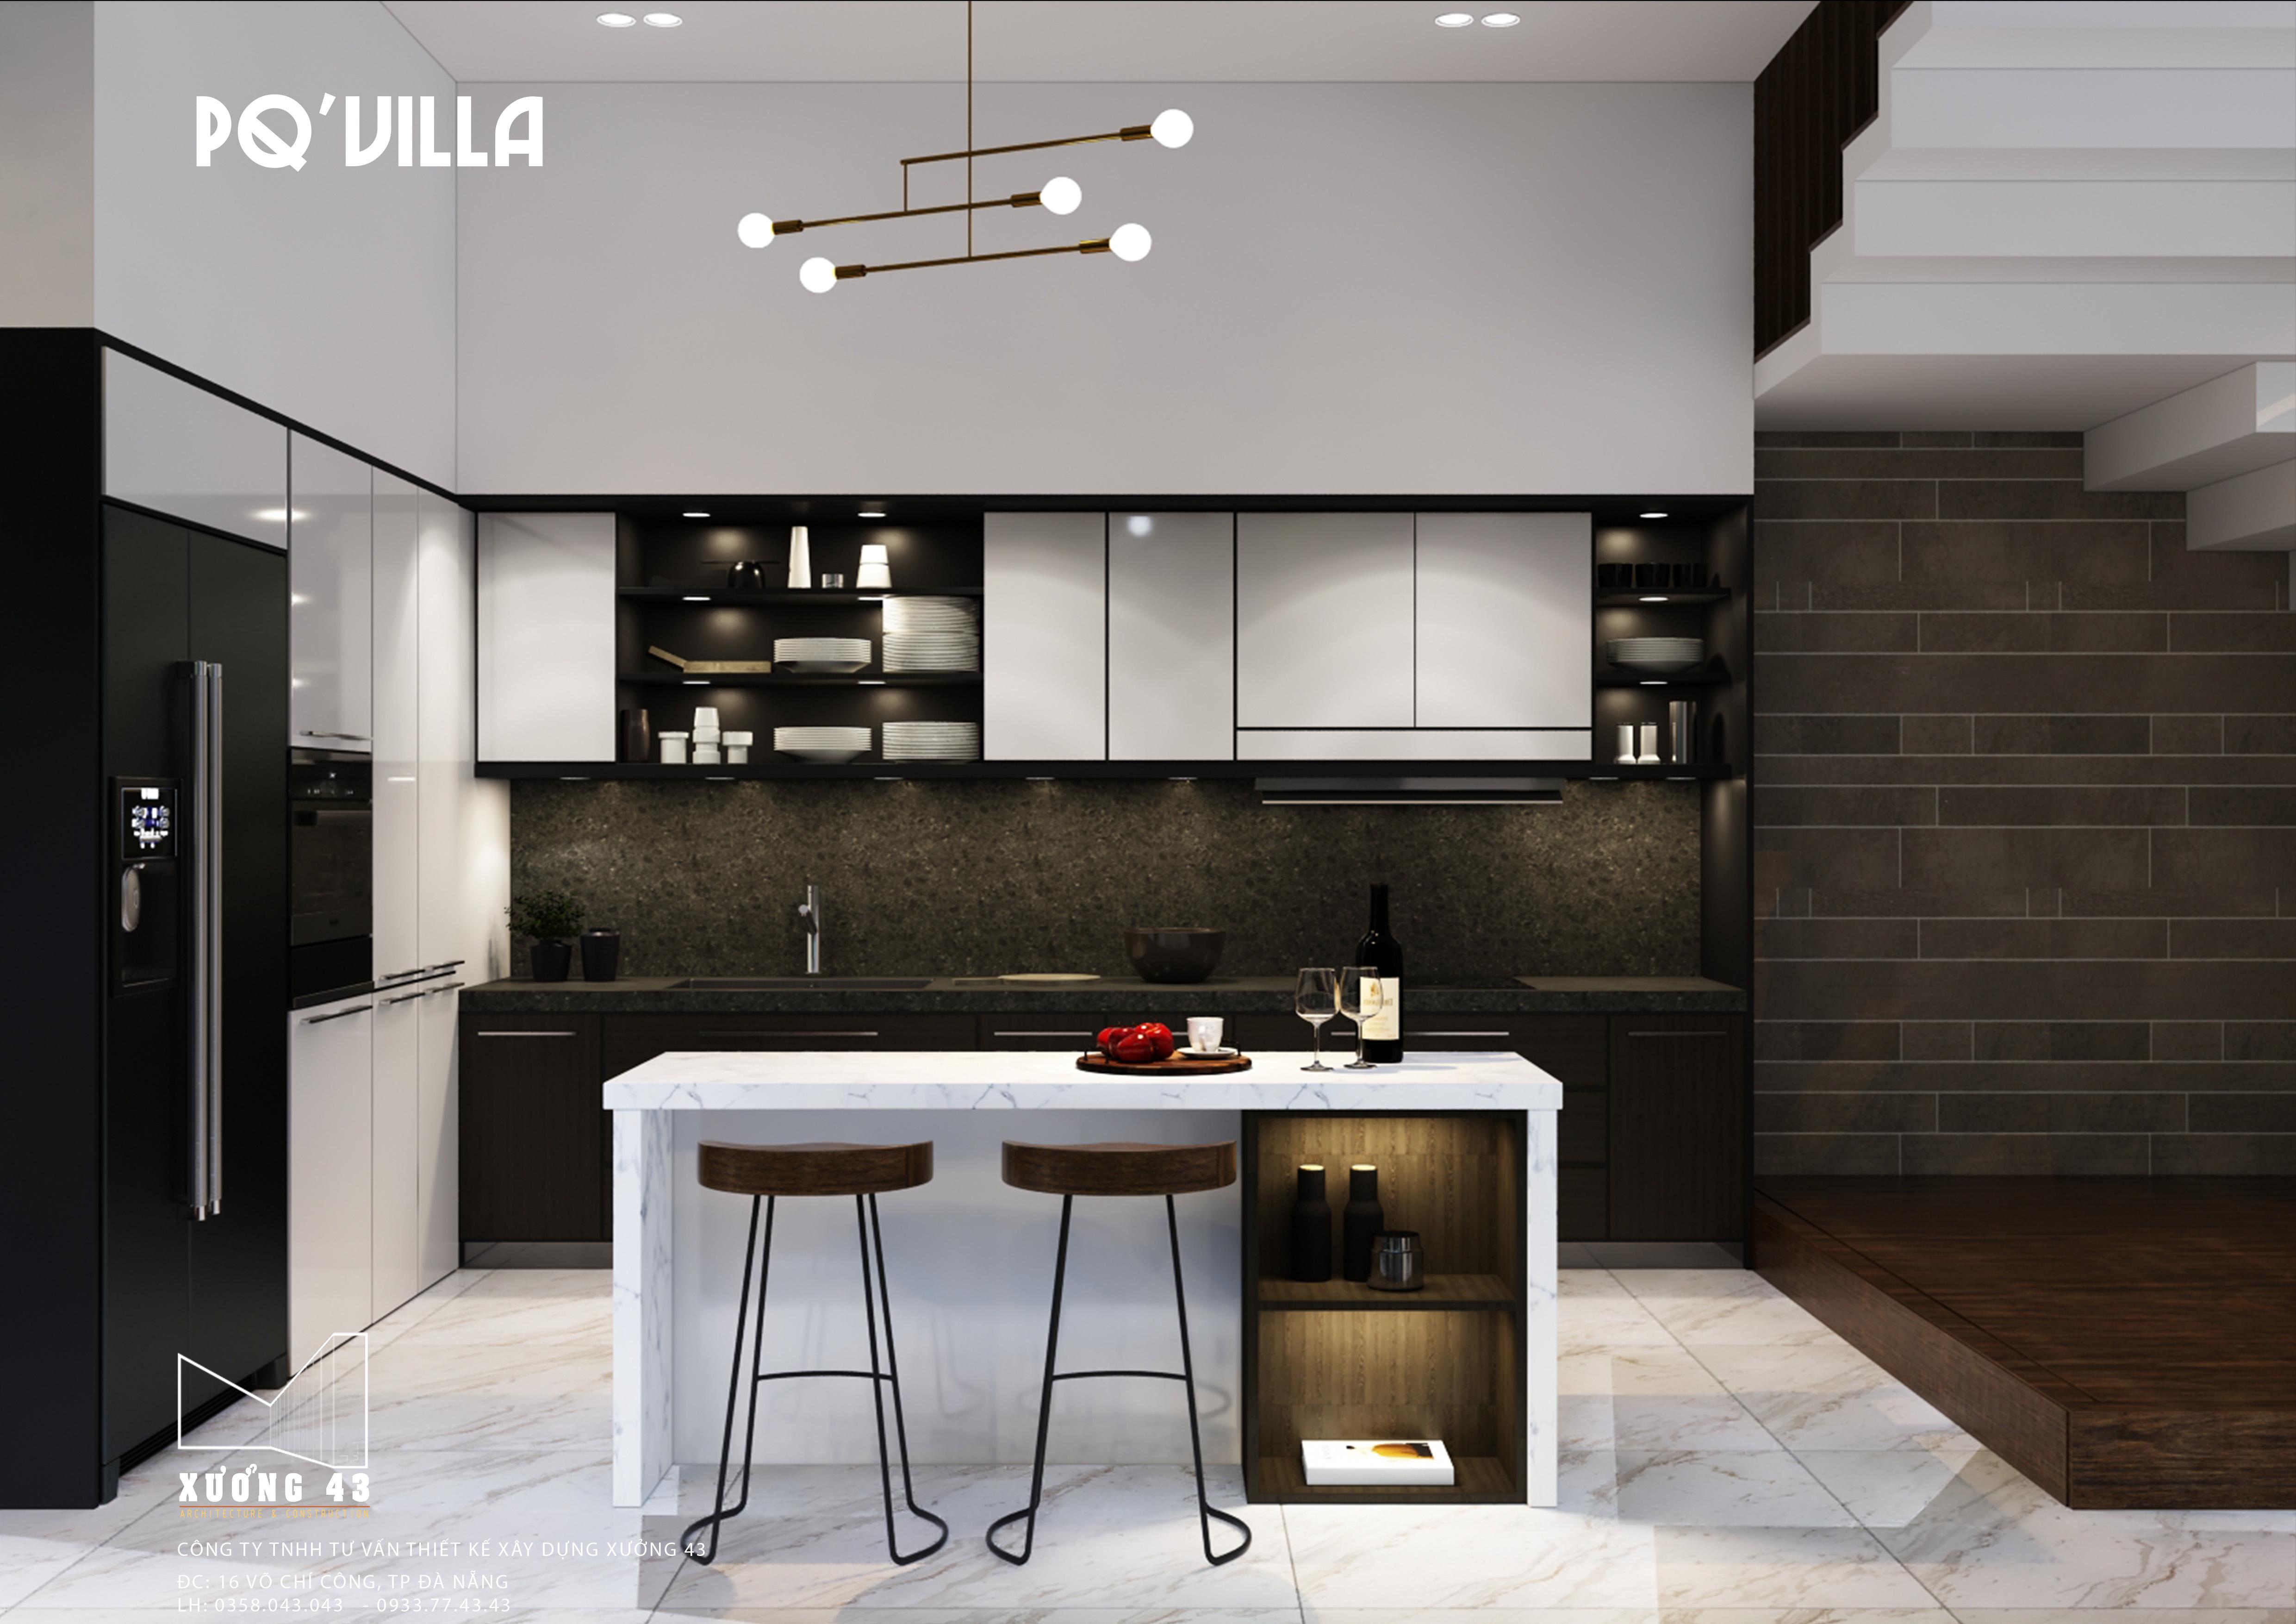 thiết kế Nhà tại Đà Nẵng PQ Villa 10 1571286154